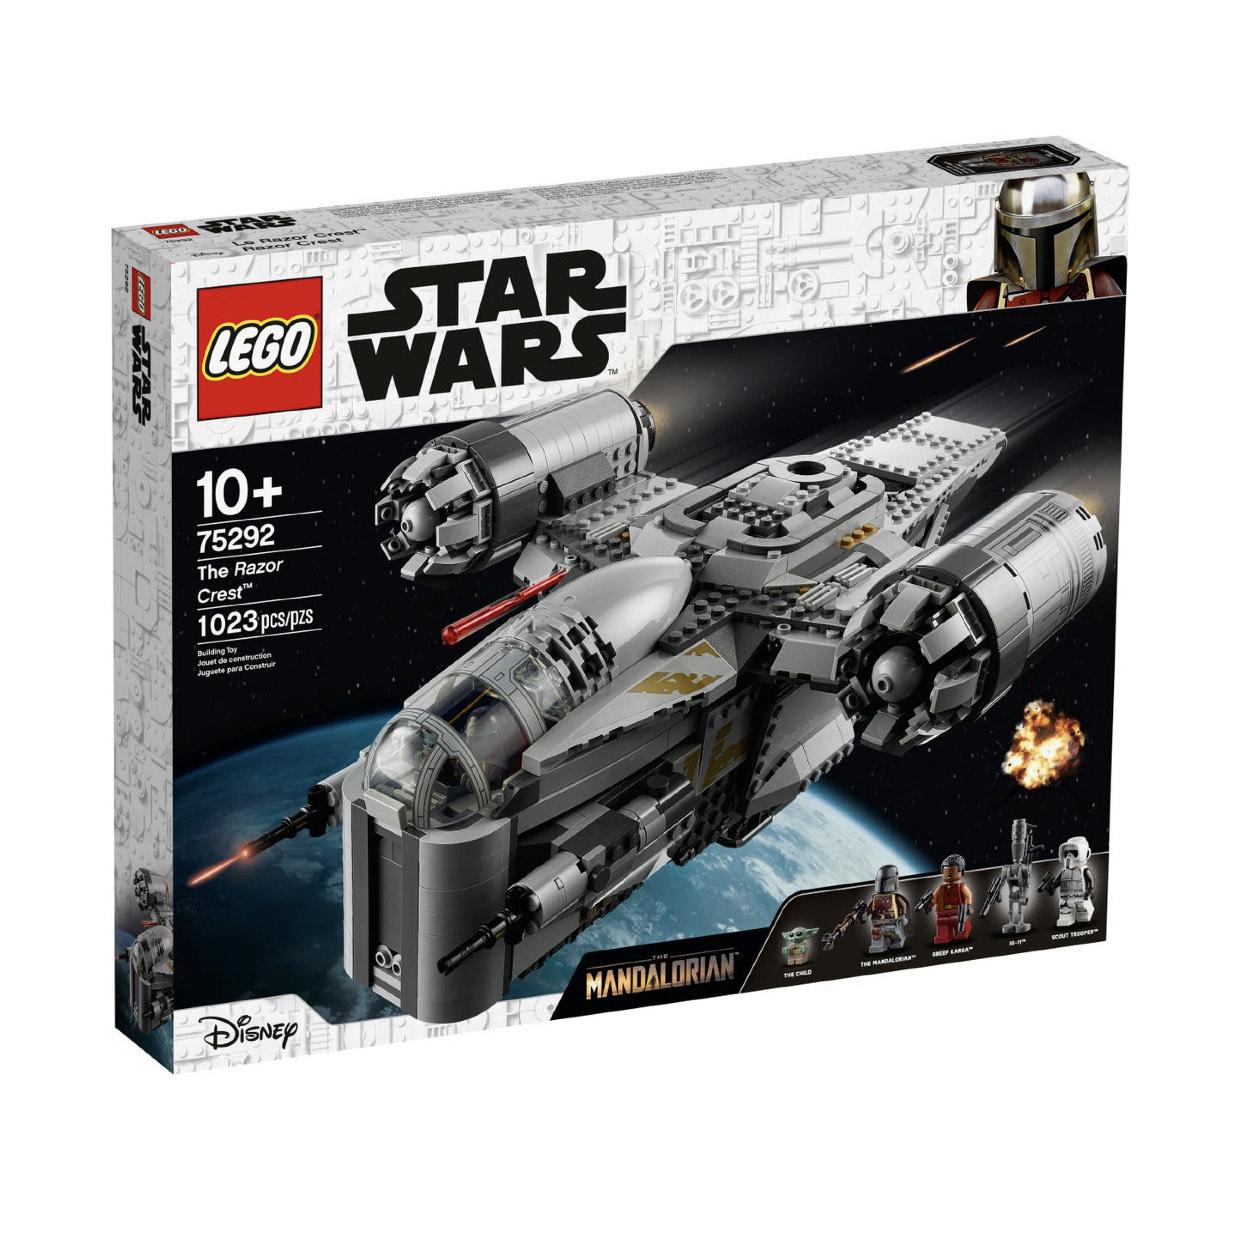 Lego Star Wars 75292 The Razor Crest Pre-Order - £119.99 (£96 After Cashback) @ Lego Shop